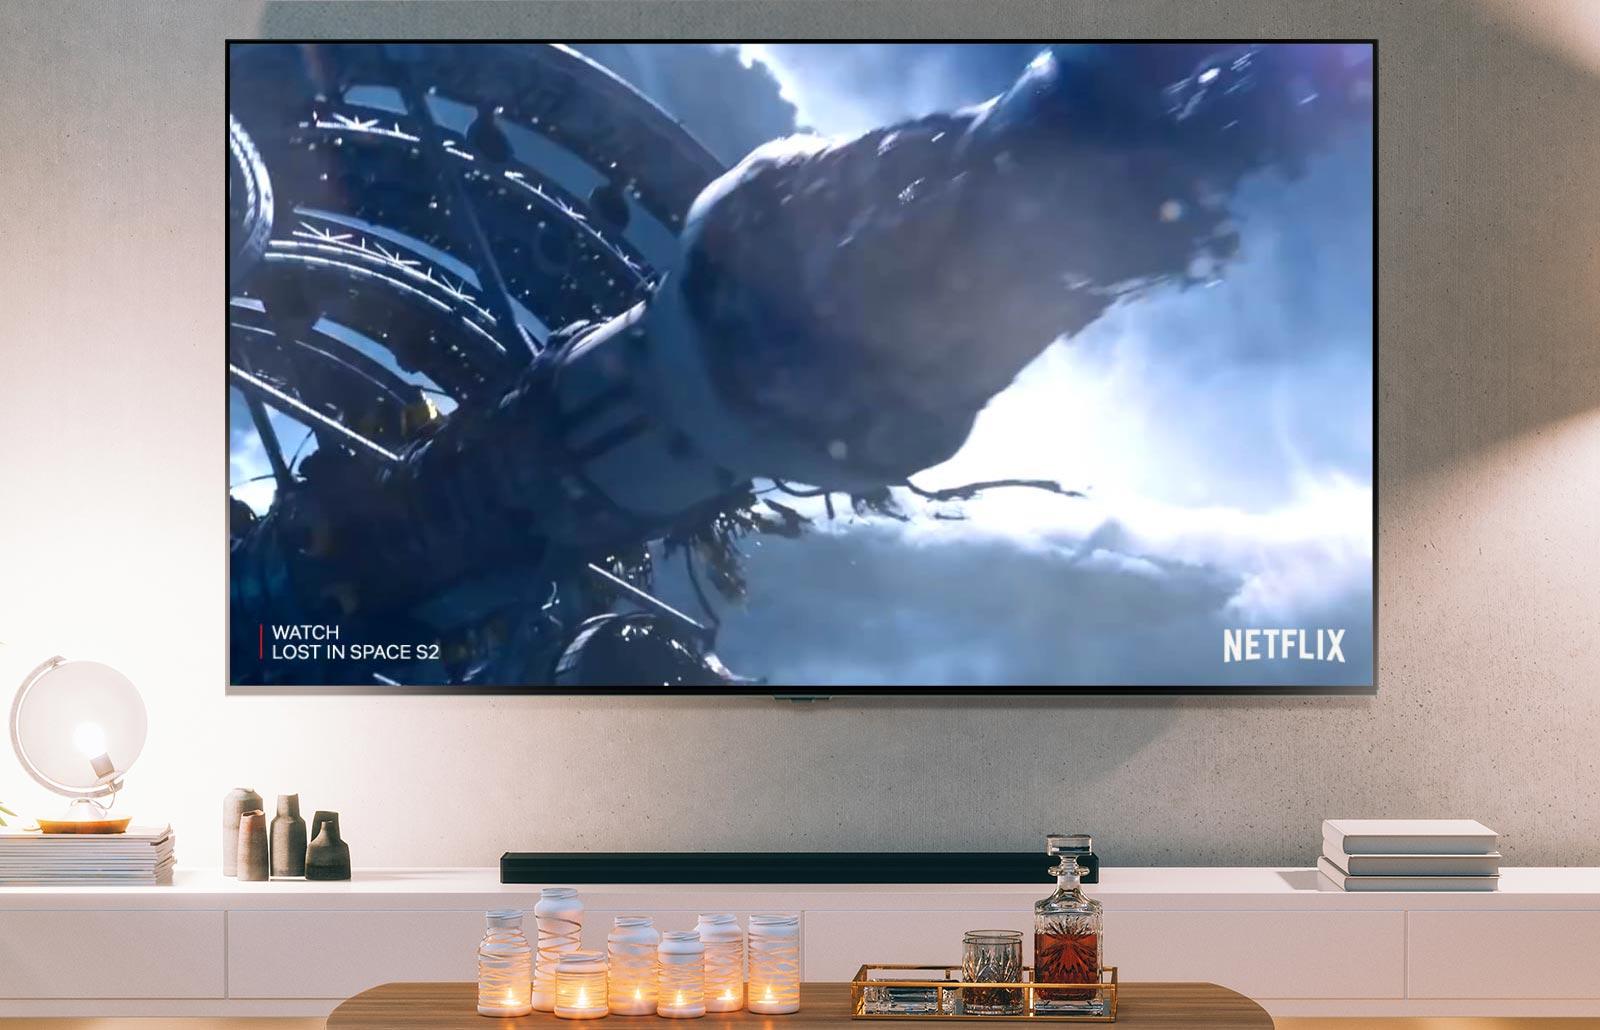 Экран телевизора, на котором демонстрируется отрывок из второго сезона сериала «Затерянные в космосе» на Netflix (воспроизвести видео).